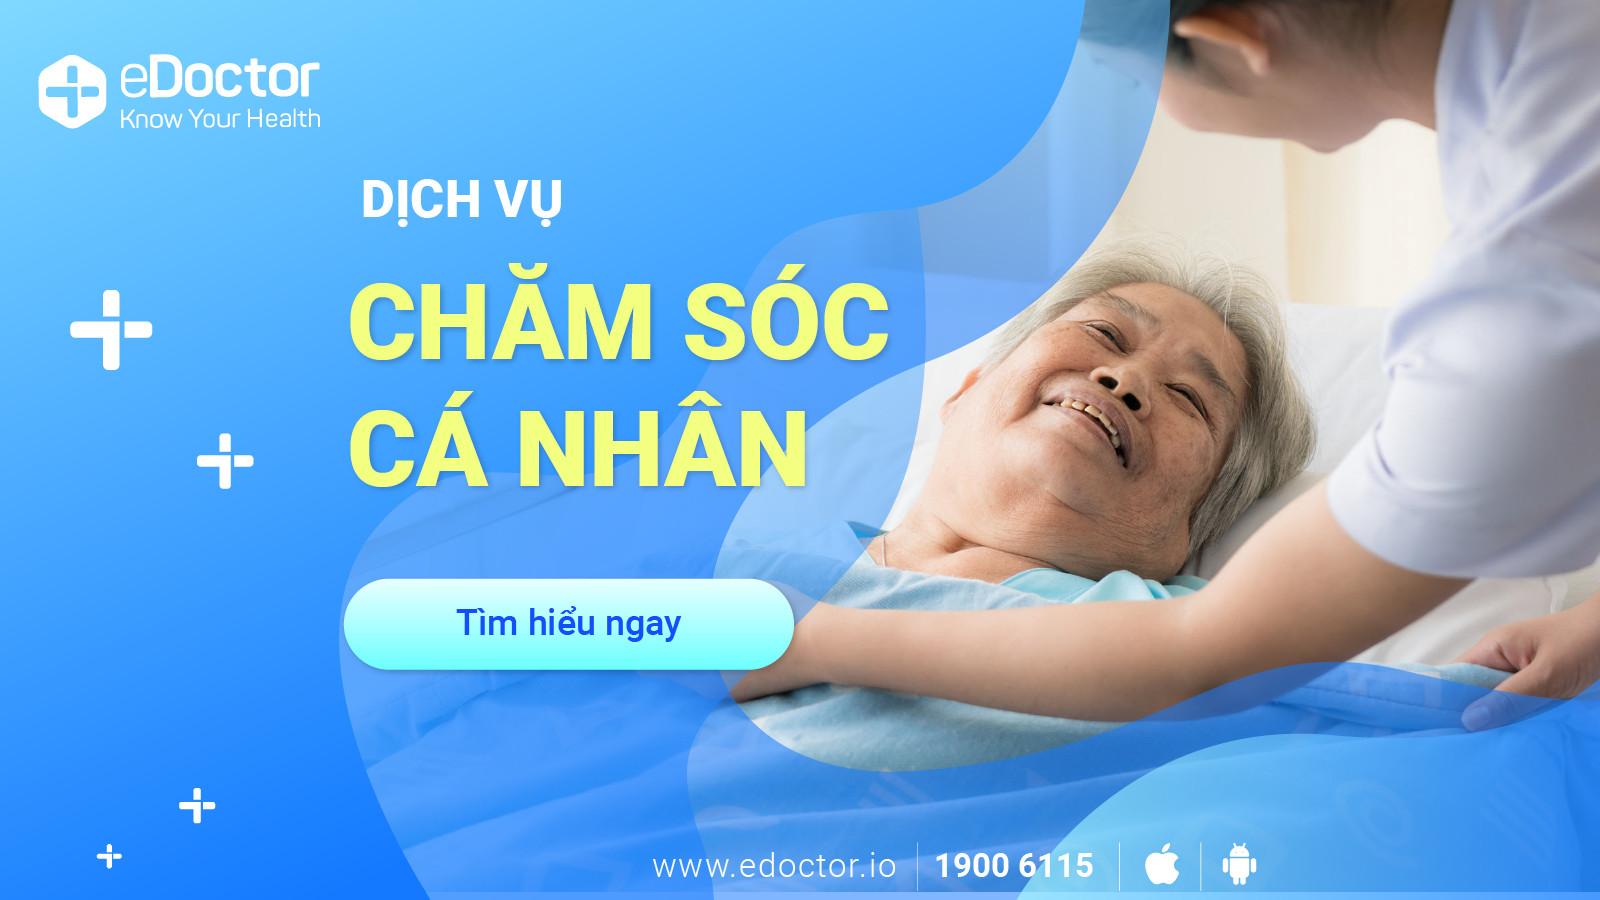 eDoctor - Chăm sóc tại nhà, không chỉ chăm sóc thể chất người bệnh